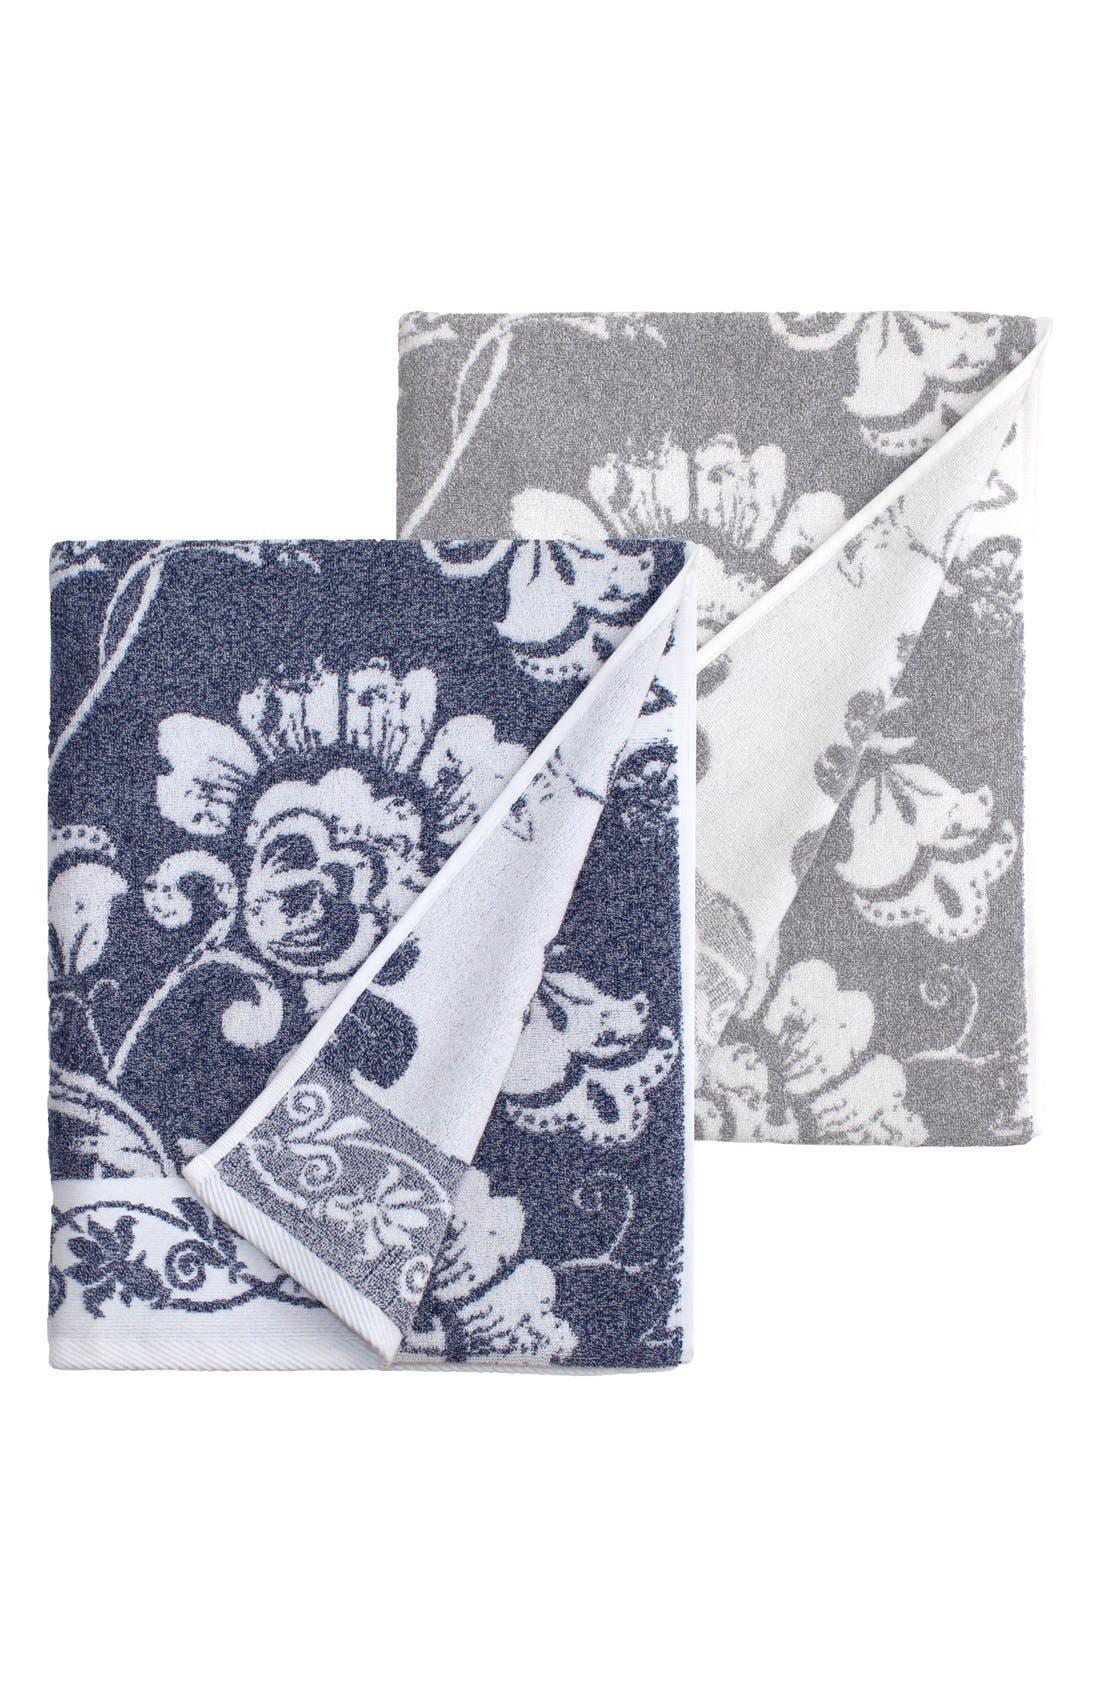 Linum 'Penelope' Turkish Cotton Bath Towels,                             Alternate thumbnail 3, color,                             OCEAN BLUE